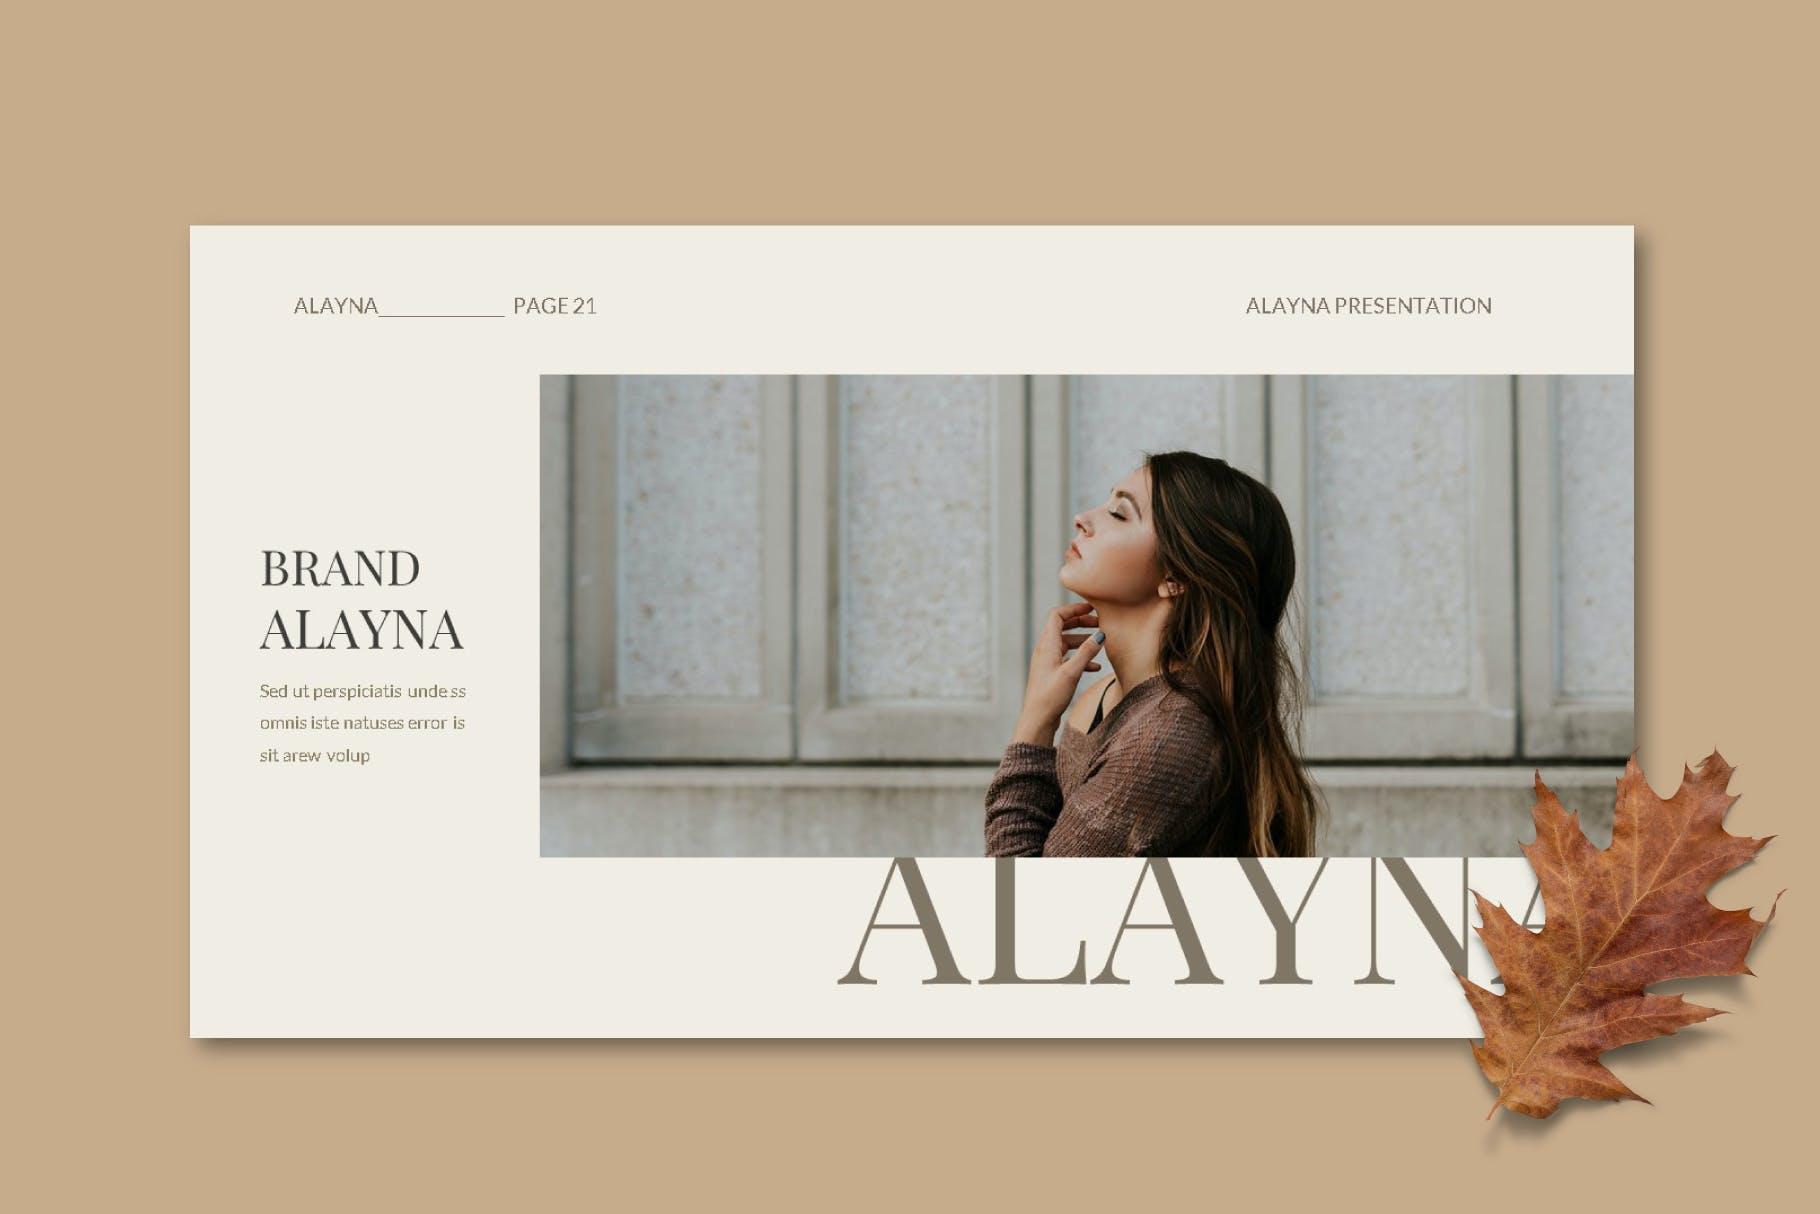 现代极简主义优雅轻奢品牌推广PPT演示文稿模板素材 Alayna – Powerpoint Template插图(1)